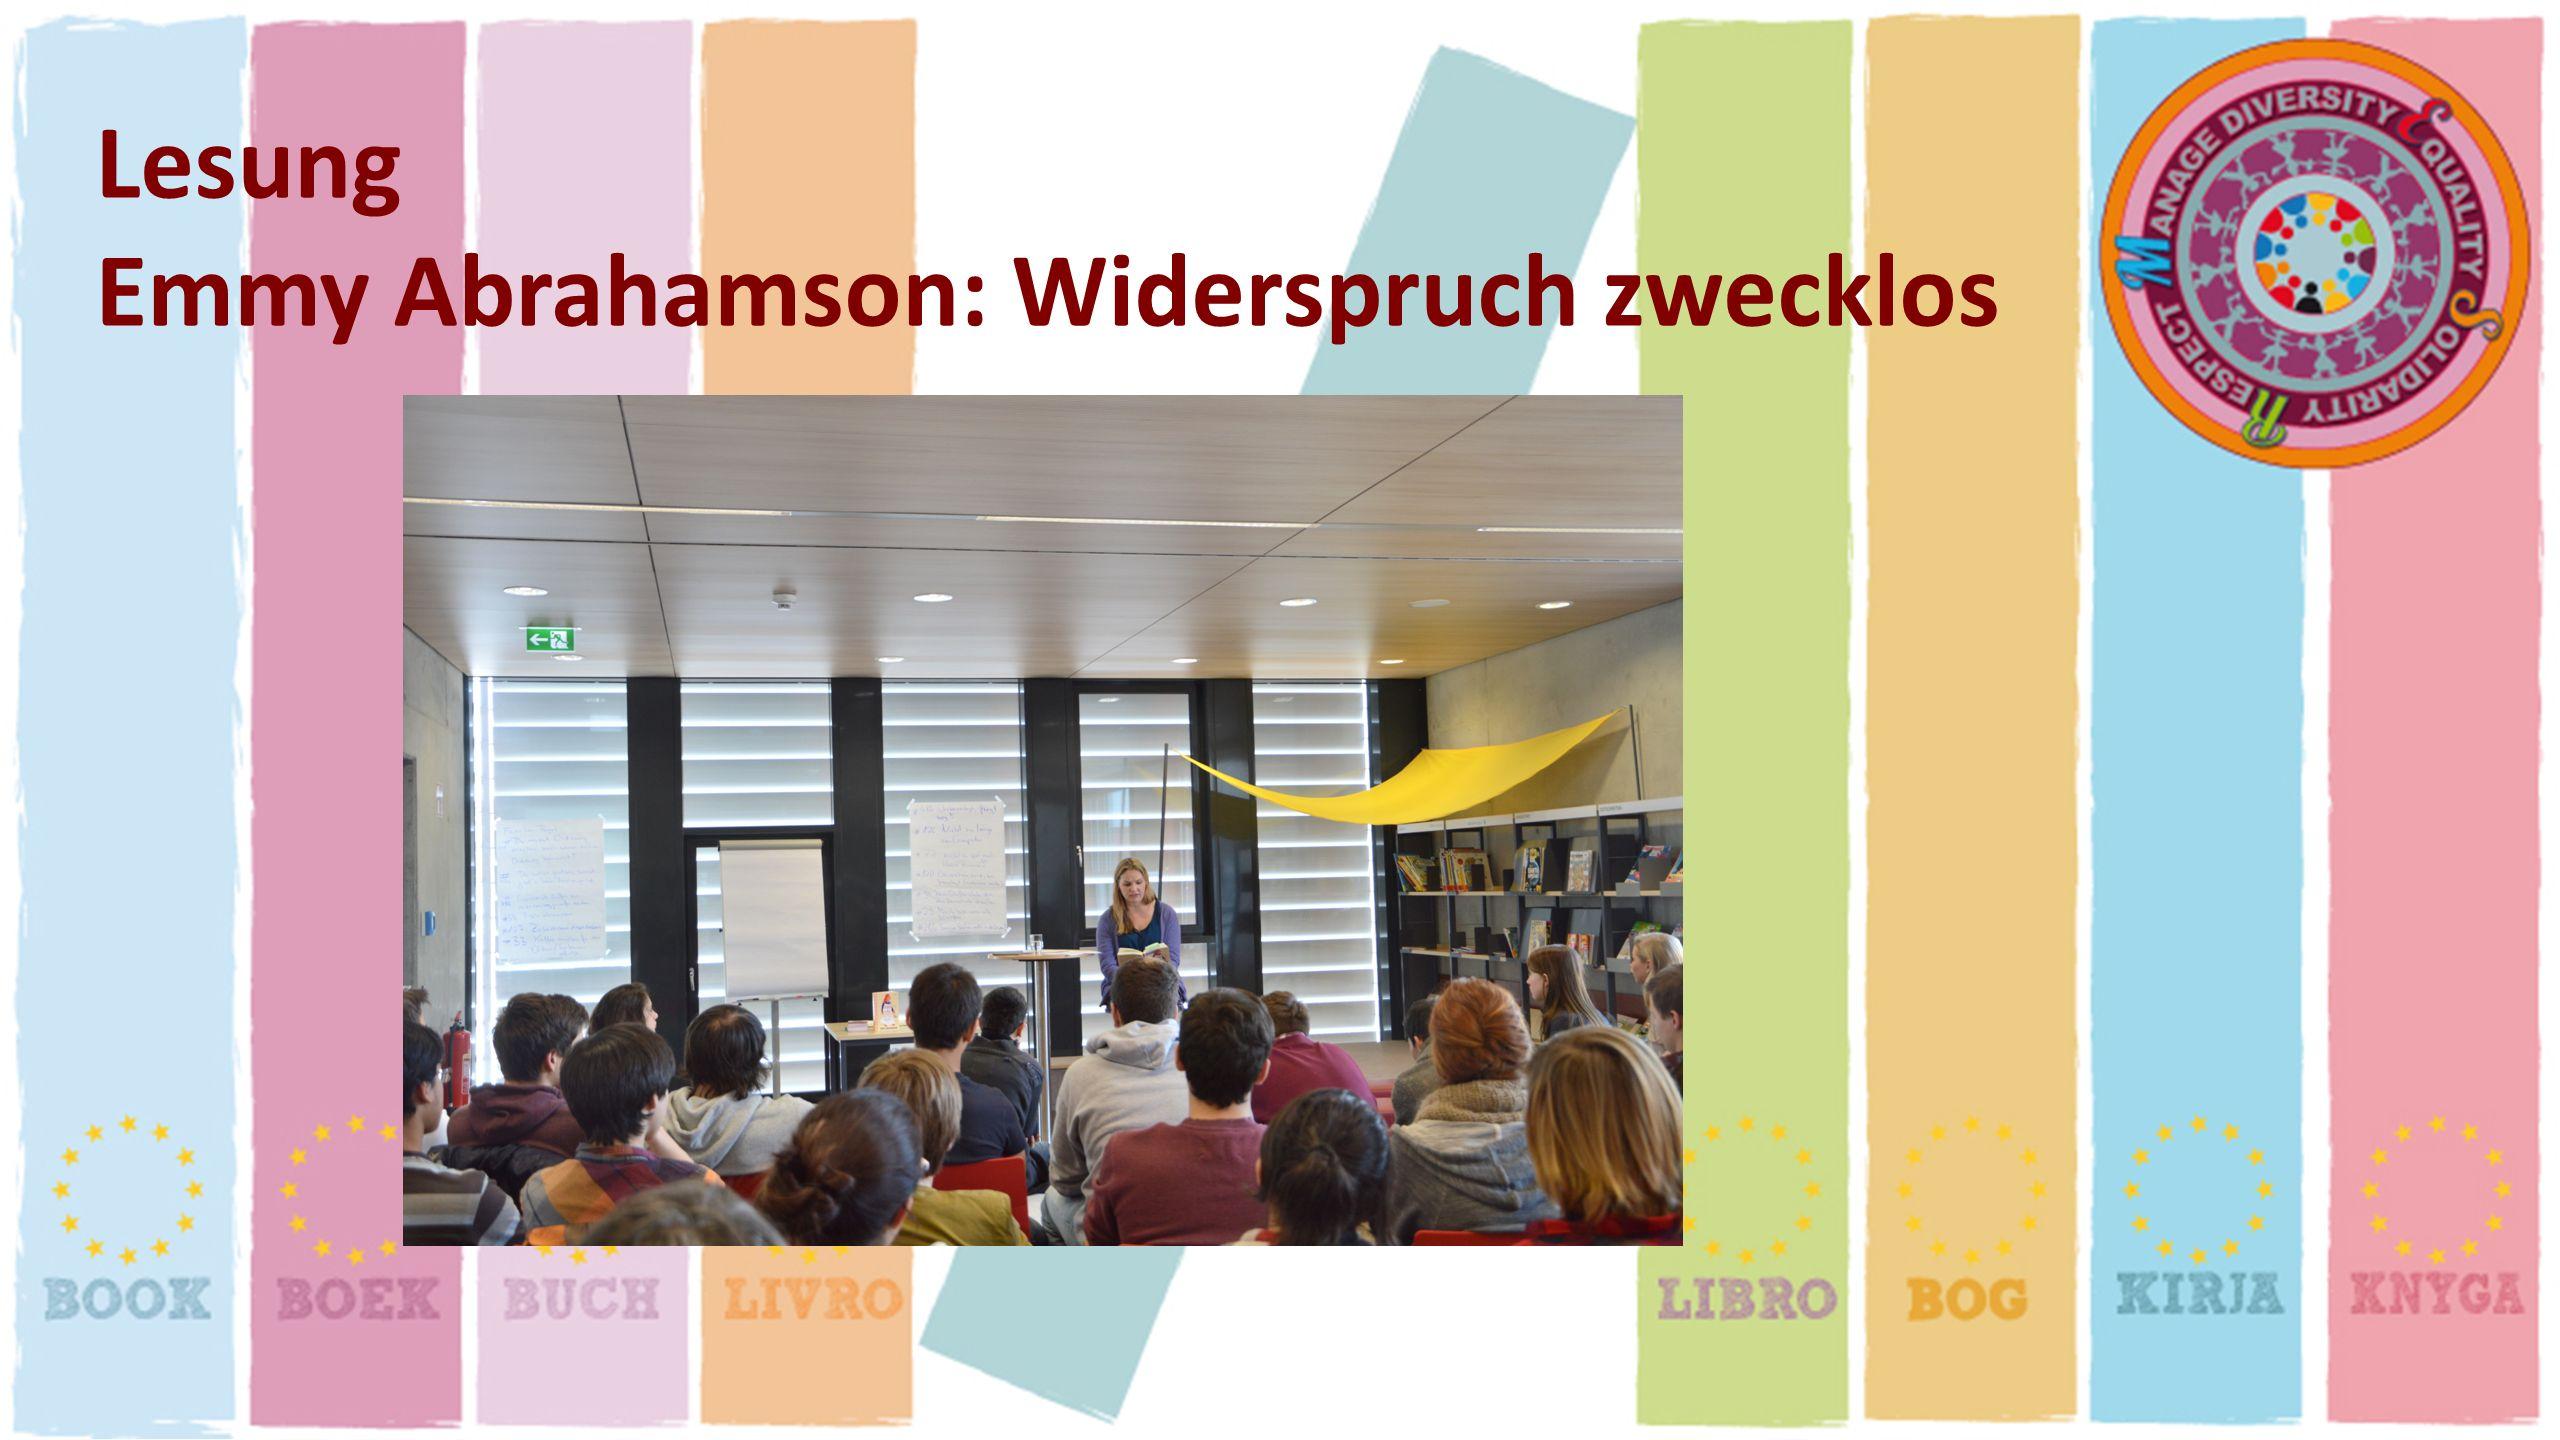 Lesung Emmy Abrahamson: Widerspruch zwecklos